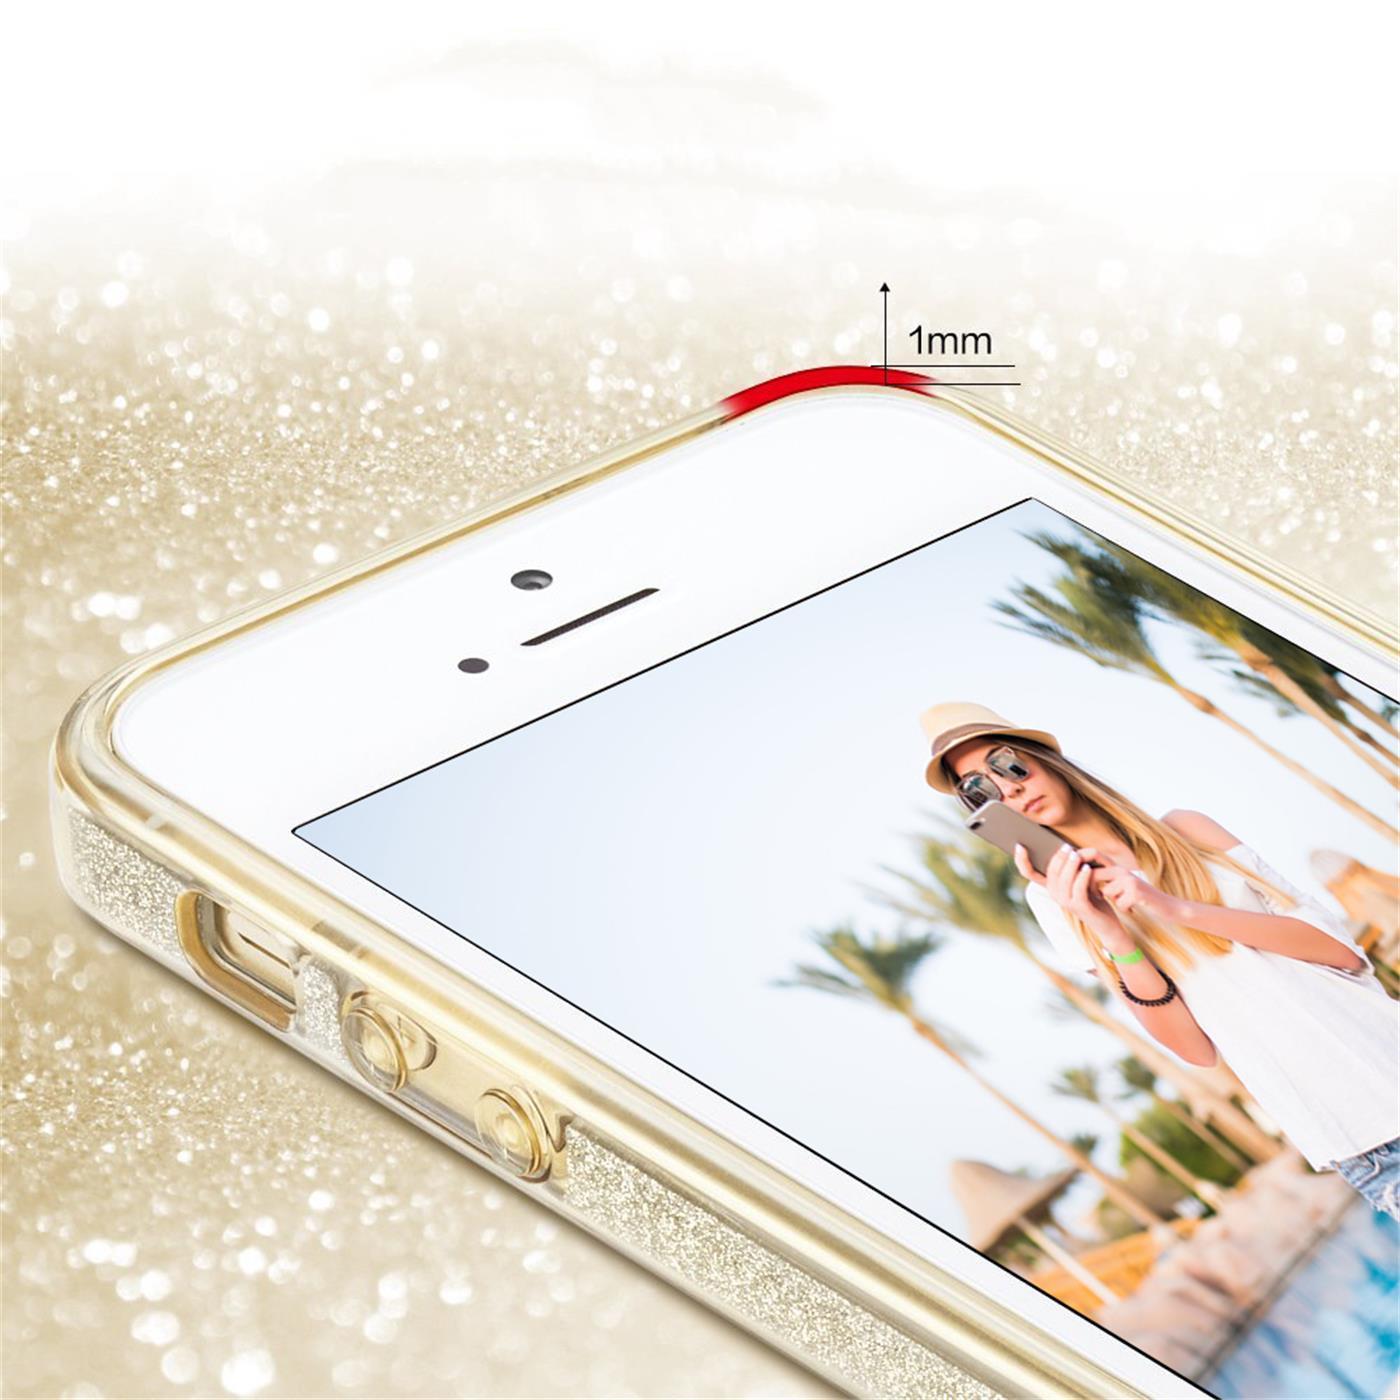 Handy-Glitzer-Huelle-fuer-Apple-iPhone-Slim-TPU-Cover-Case-Silikon-Schutz-Tasche Indexbild 7